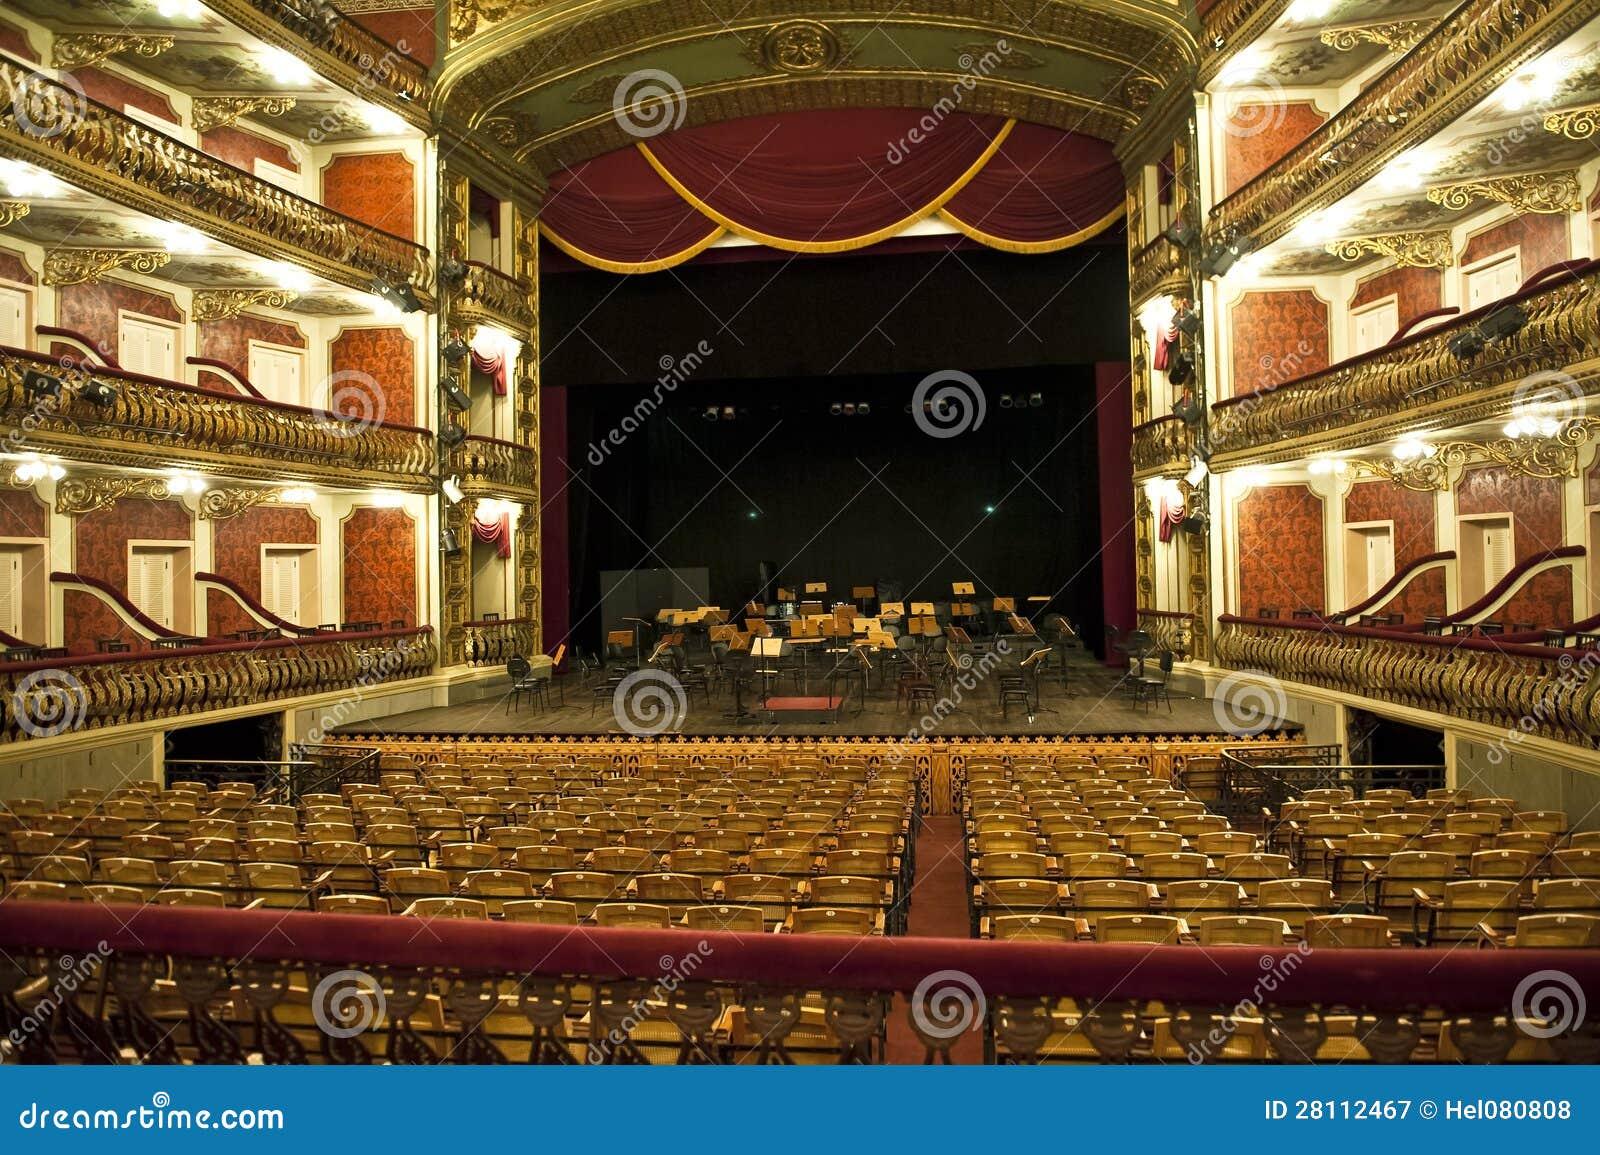 De zaal van het huis van de opera van manaus stock afbeelding afbeelding 28112467 - Versiering van de zaal van het tienermeisje van ...